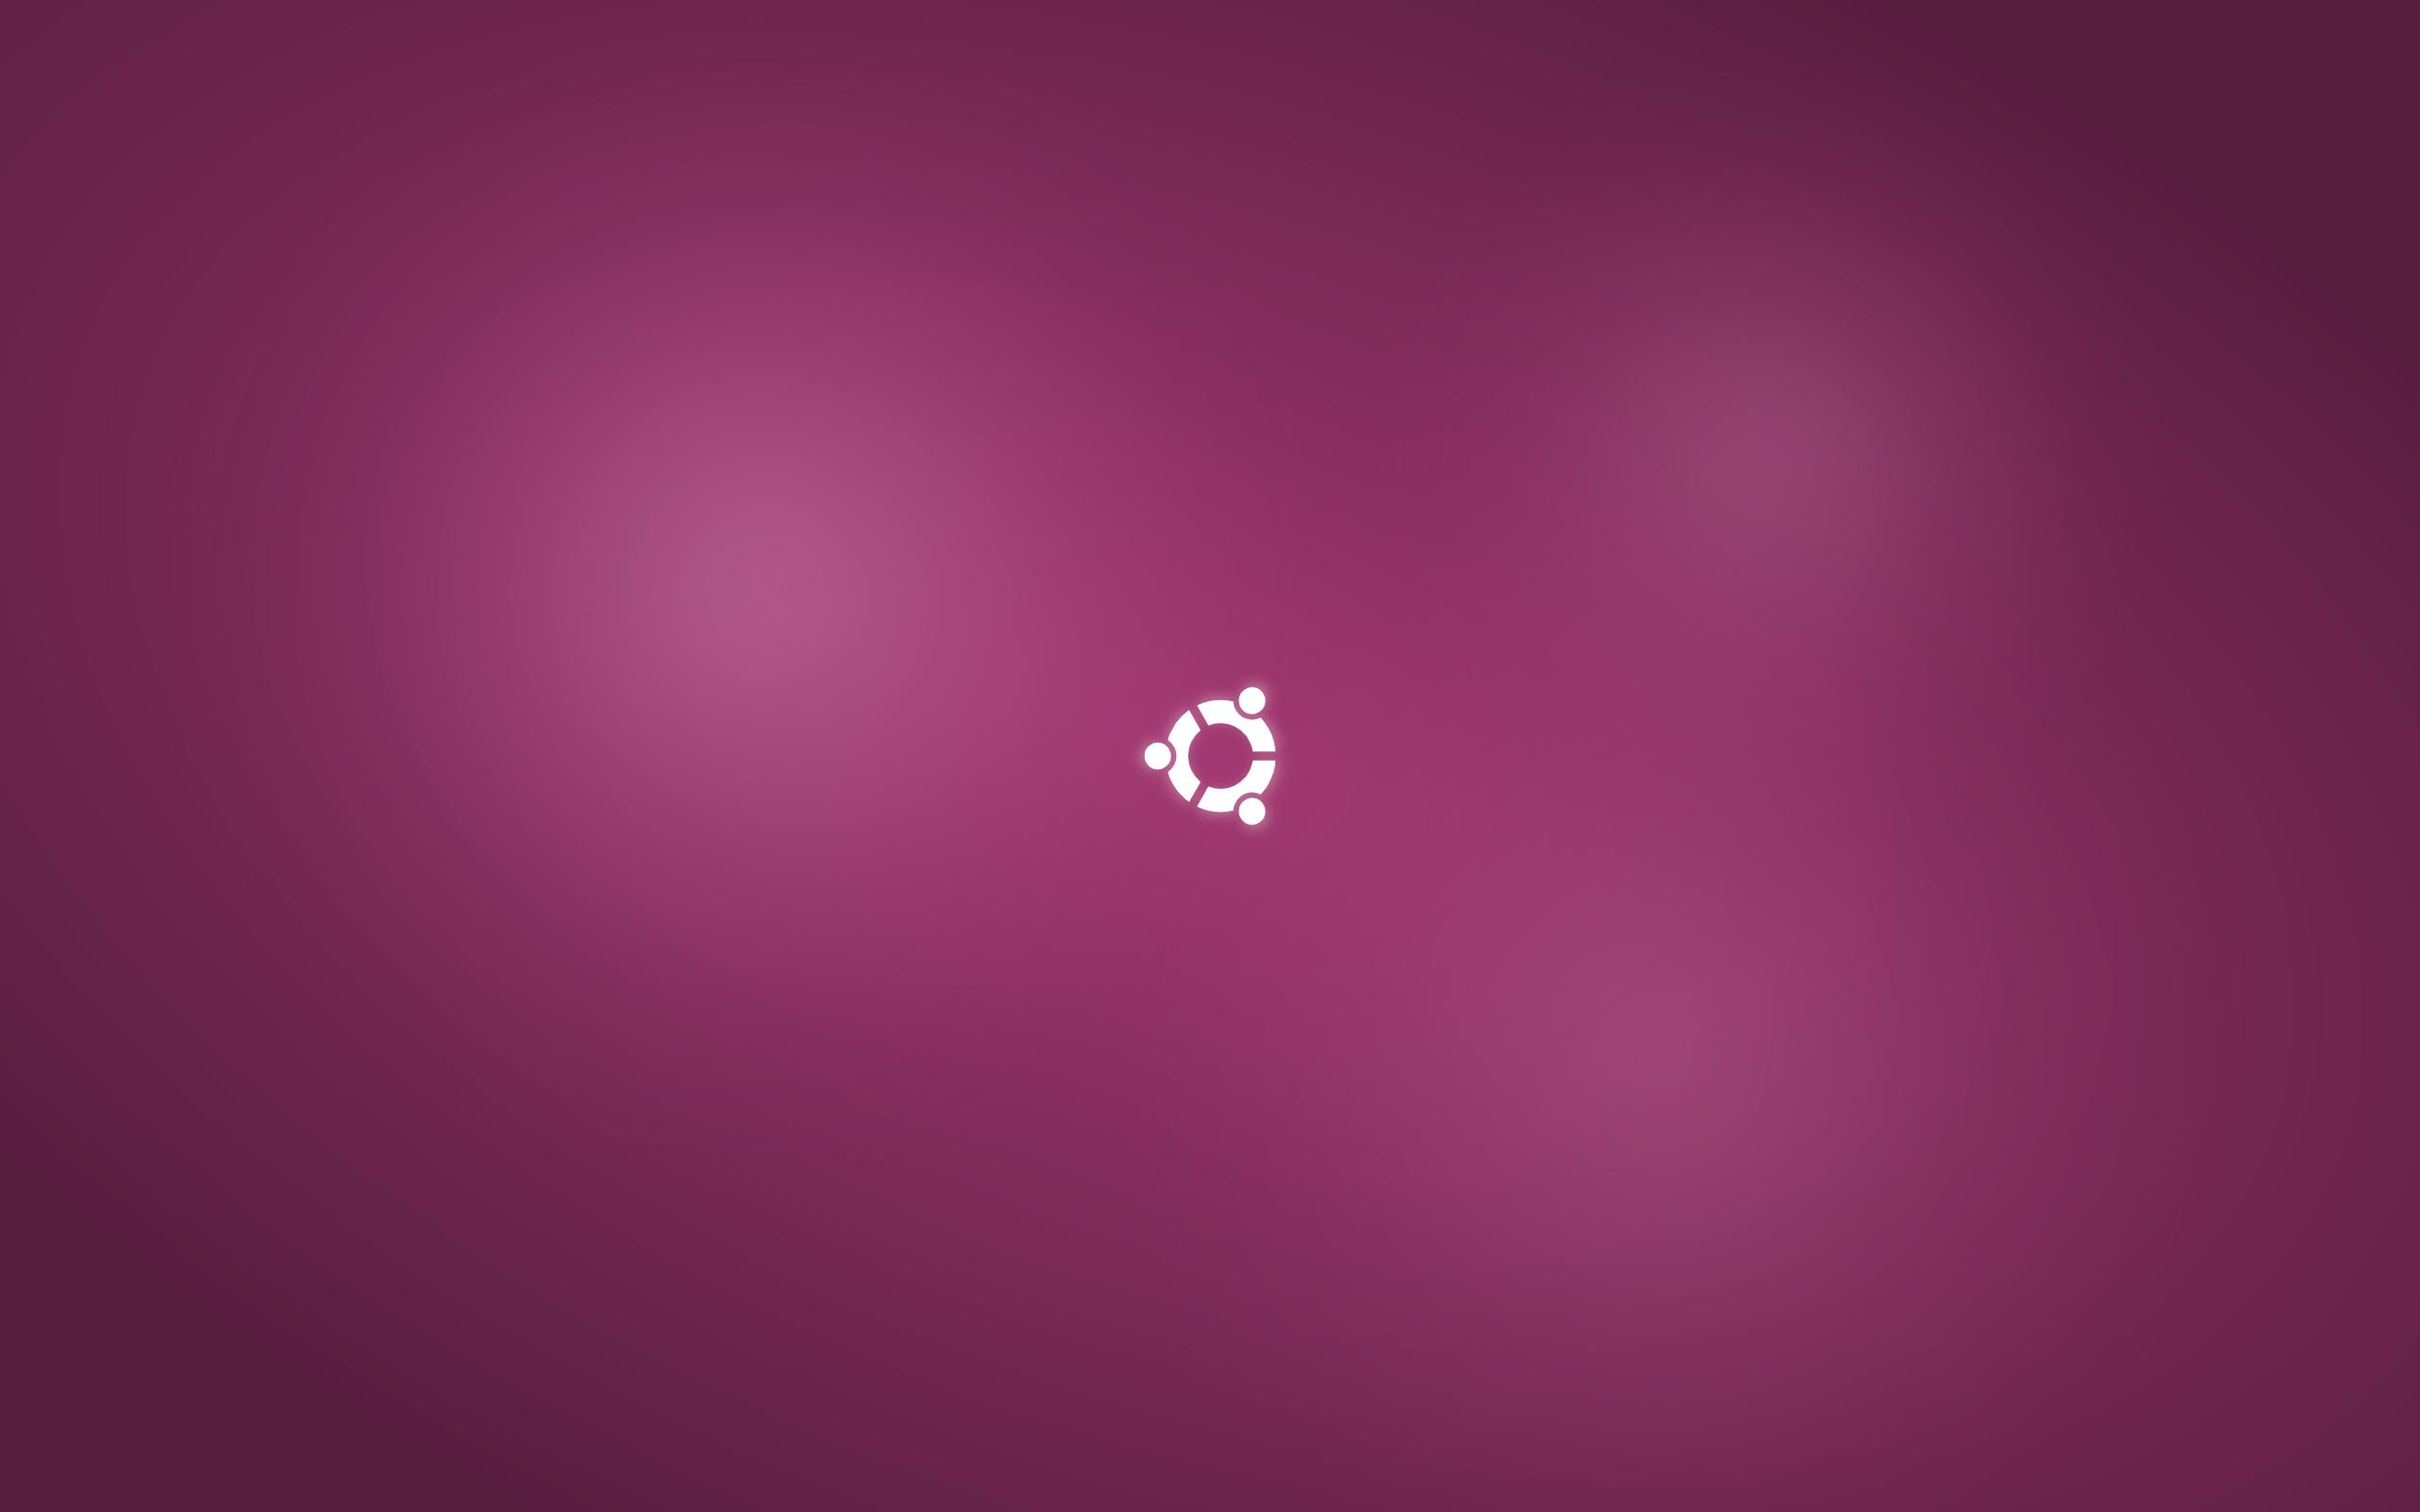 ubuntu backgrounds 40655